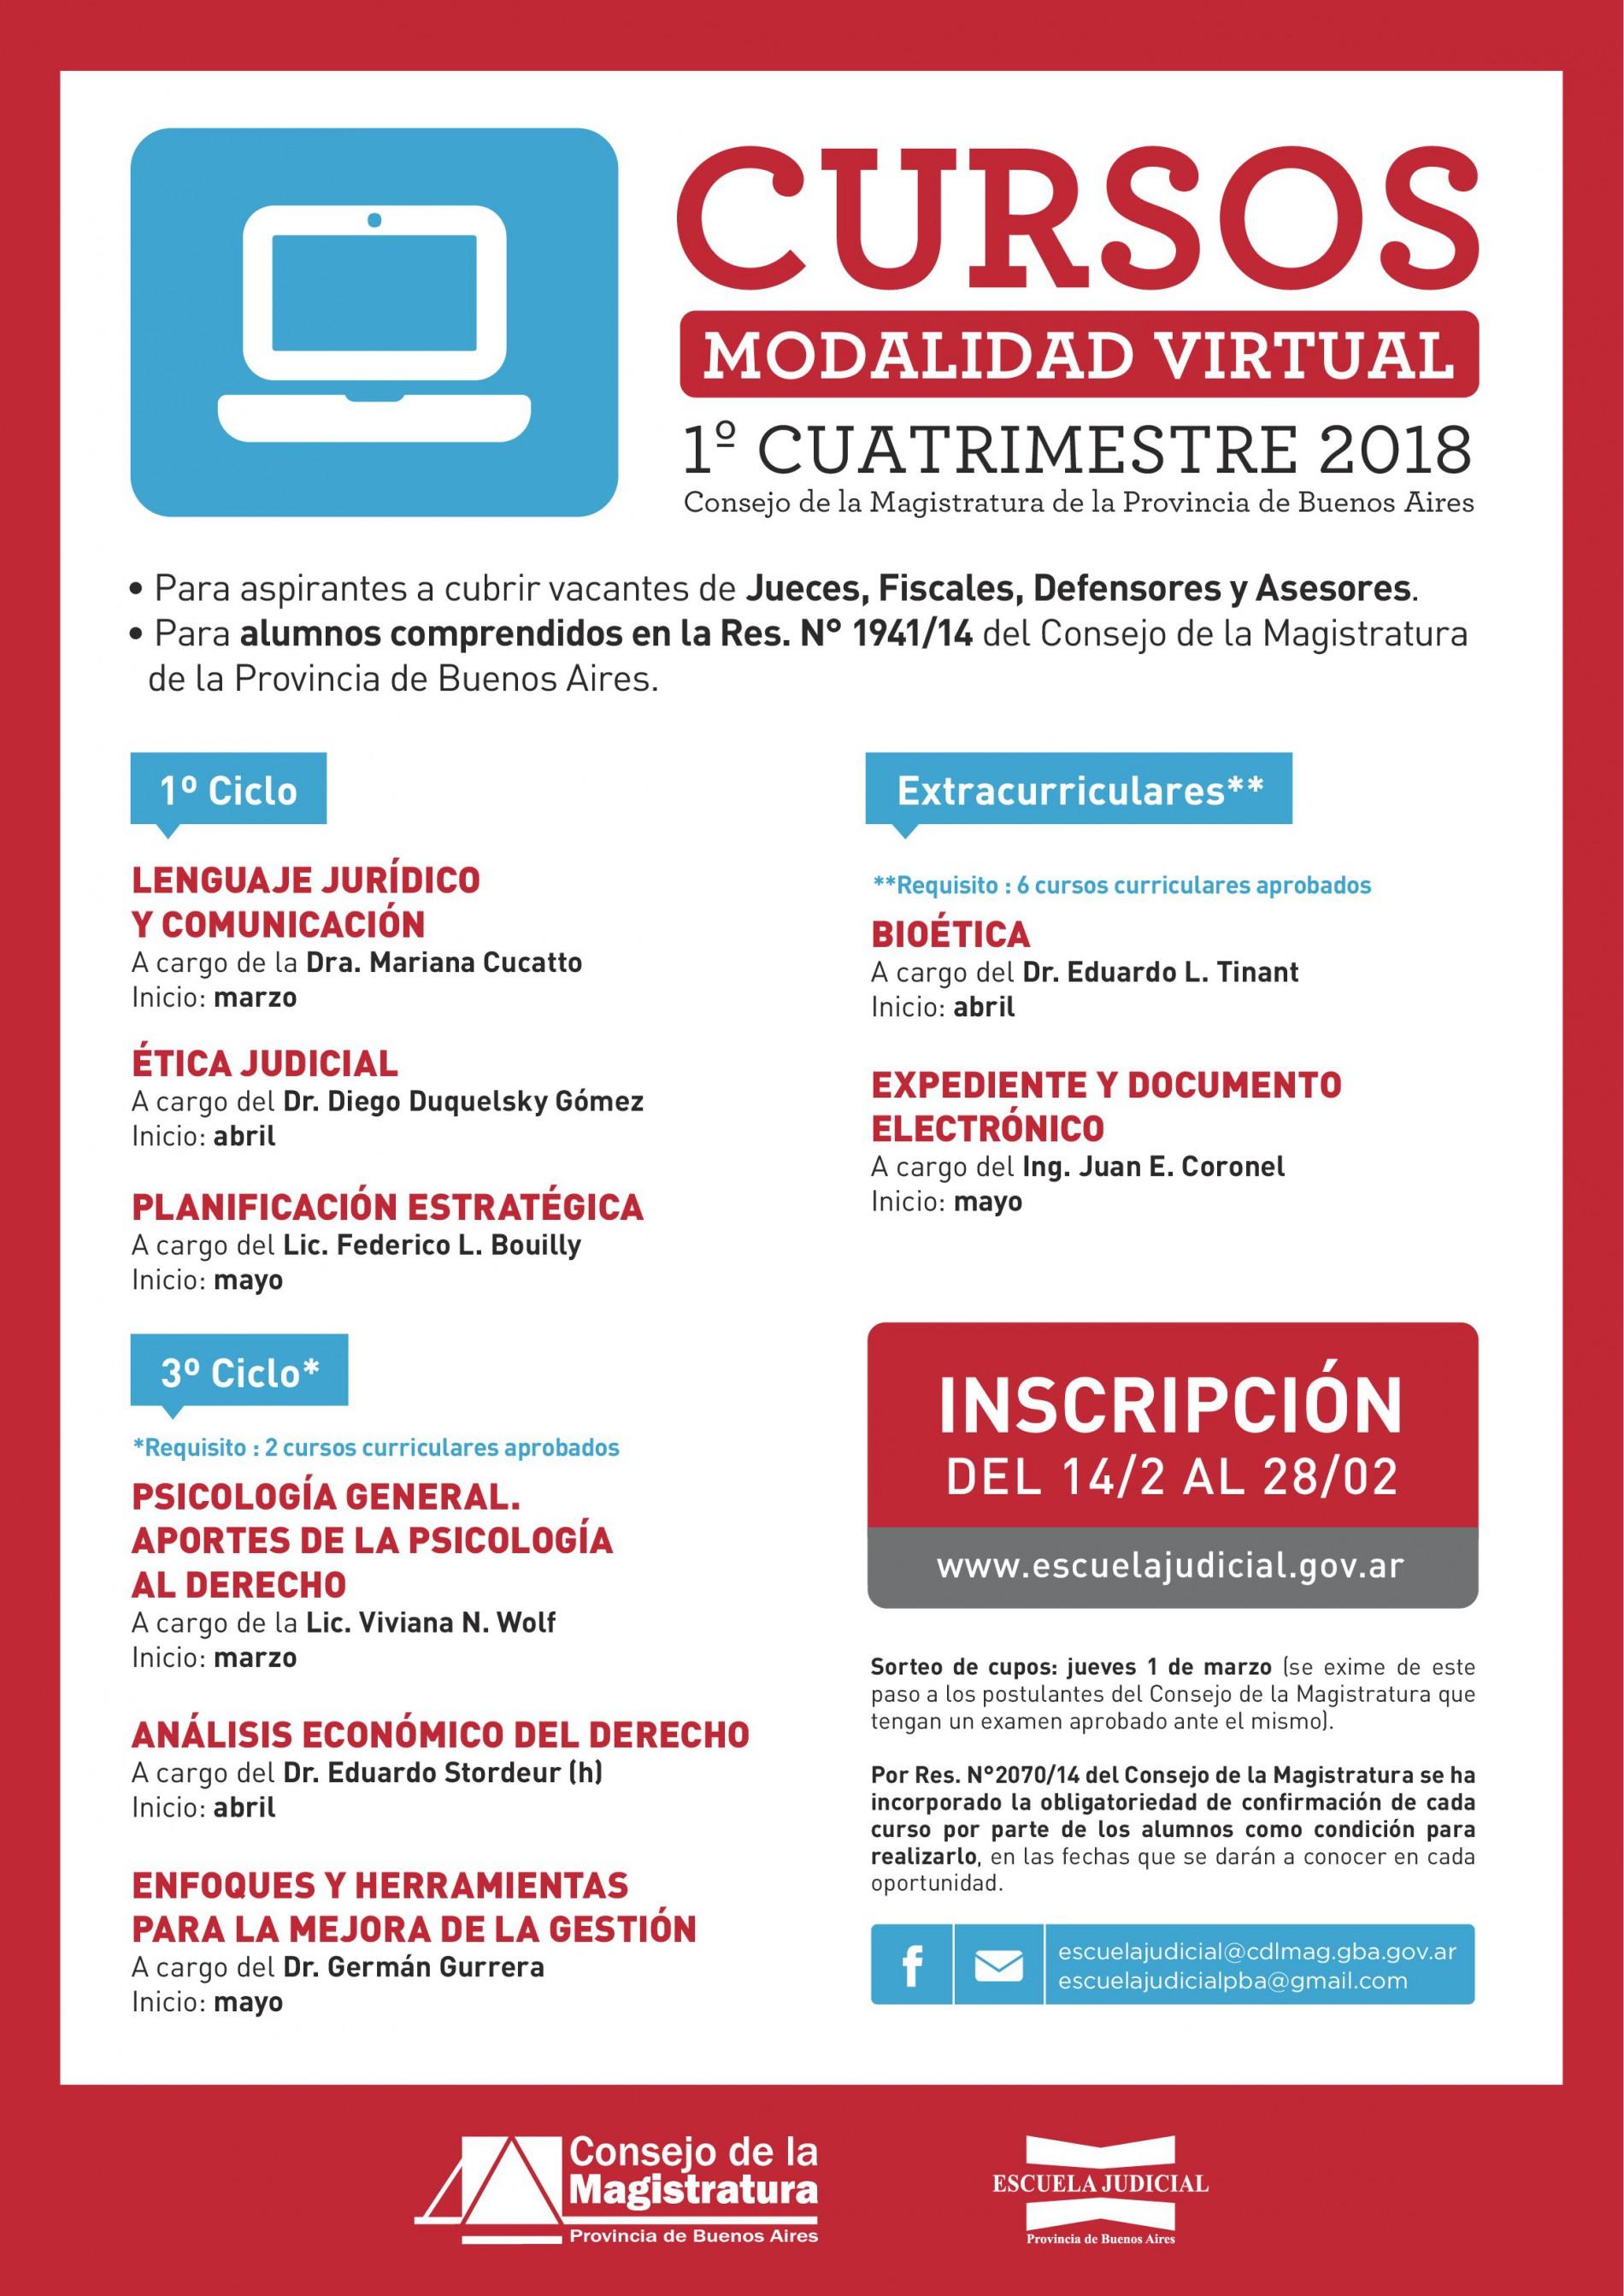 Escuela Judicial del C.Magistratura Bonaerense: cursos del 1º cuatrimestre